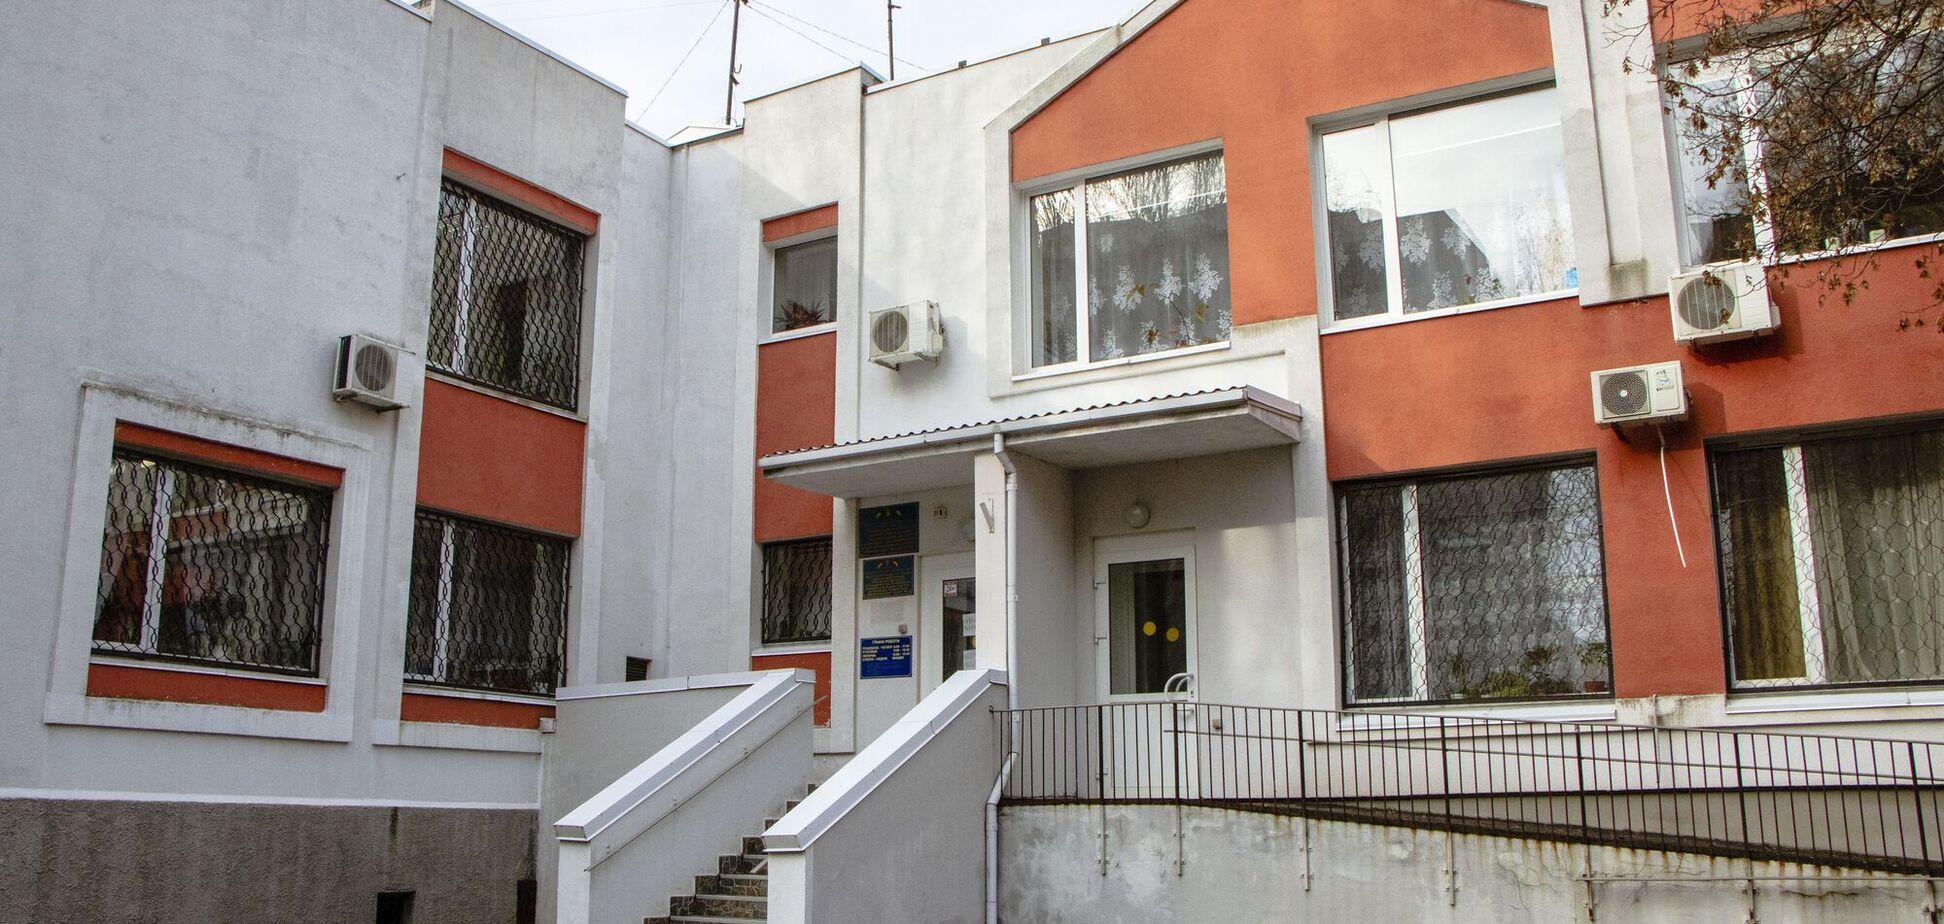 Днепровский городской территориальный центр социального обслуживания возобновил занятия после локдауна